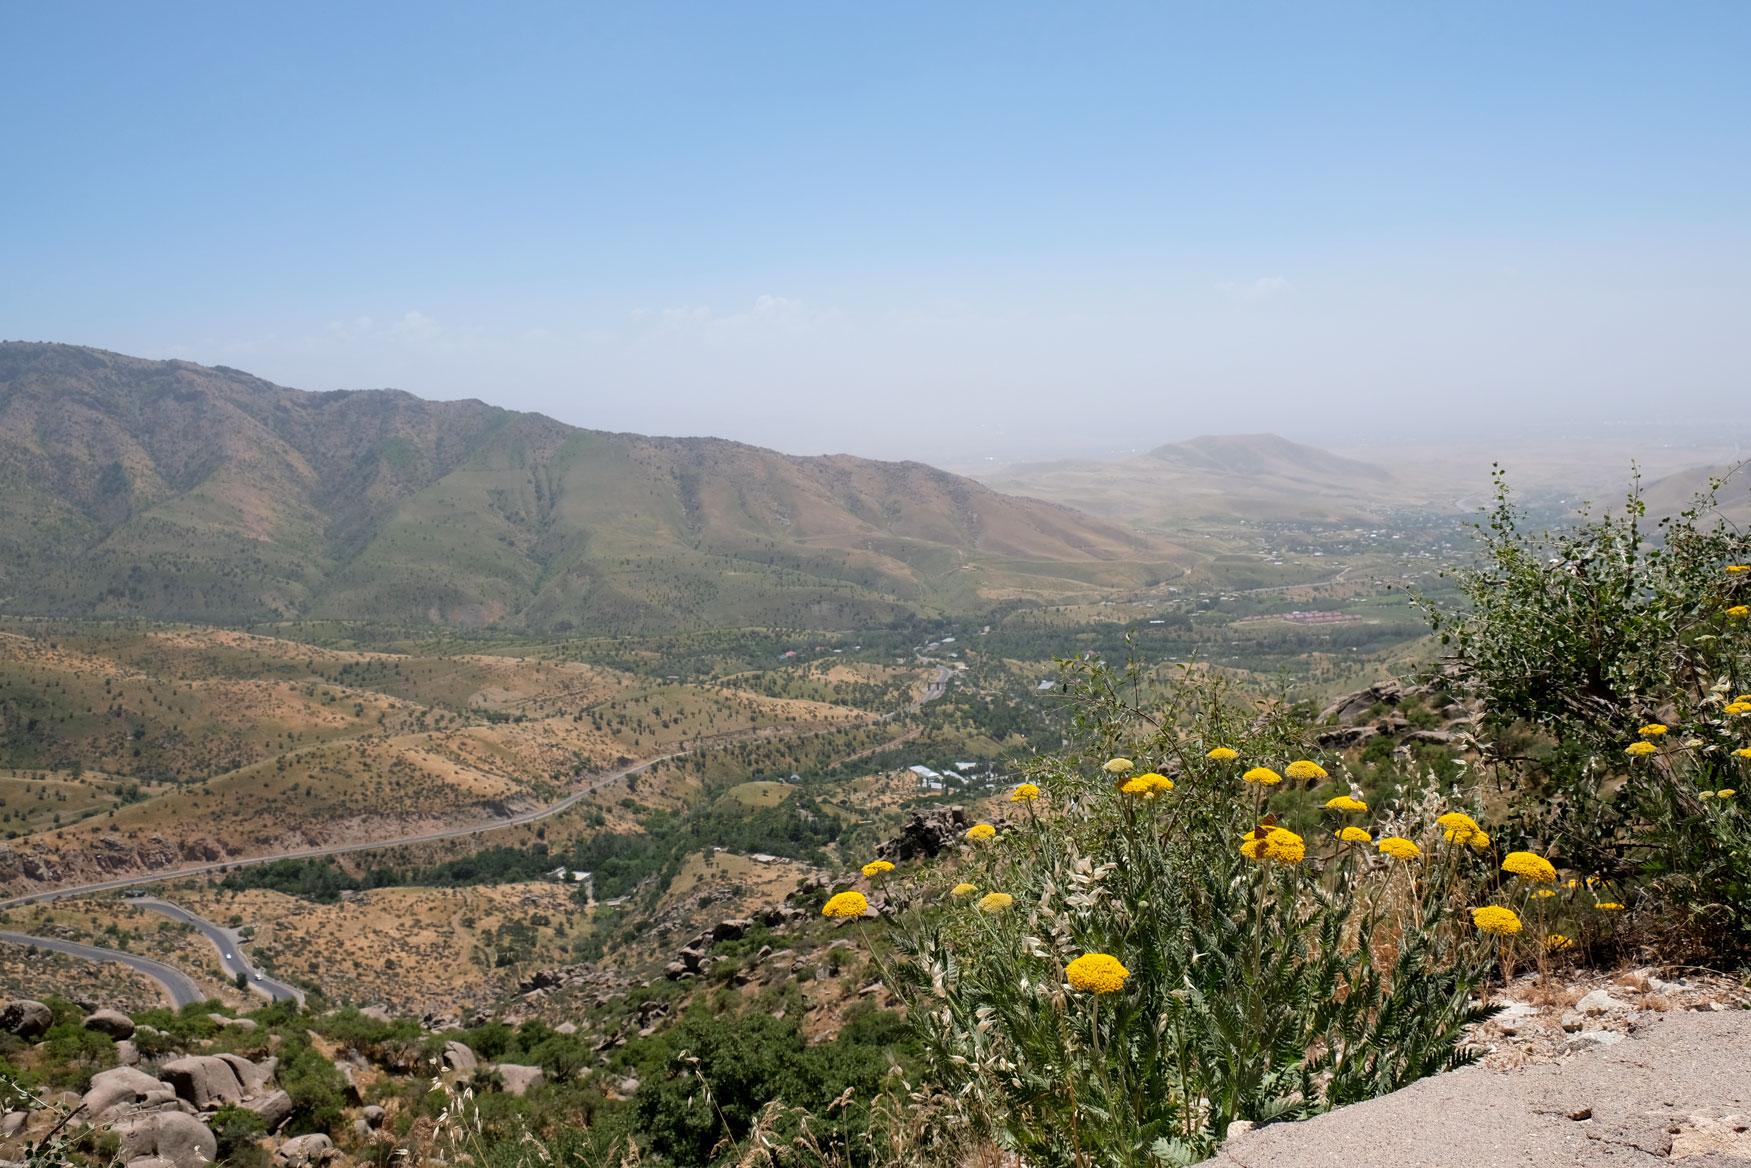 Hübsche Berglandschaften - ein Vorgeschmack auf den Pamir Highway?